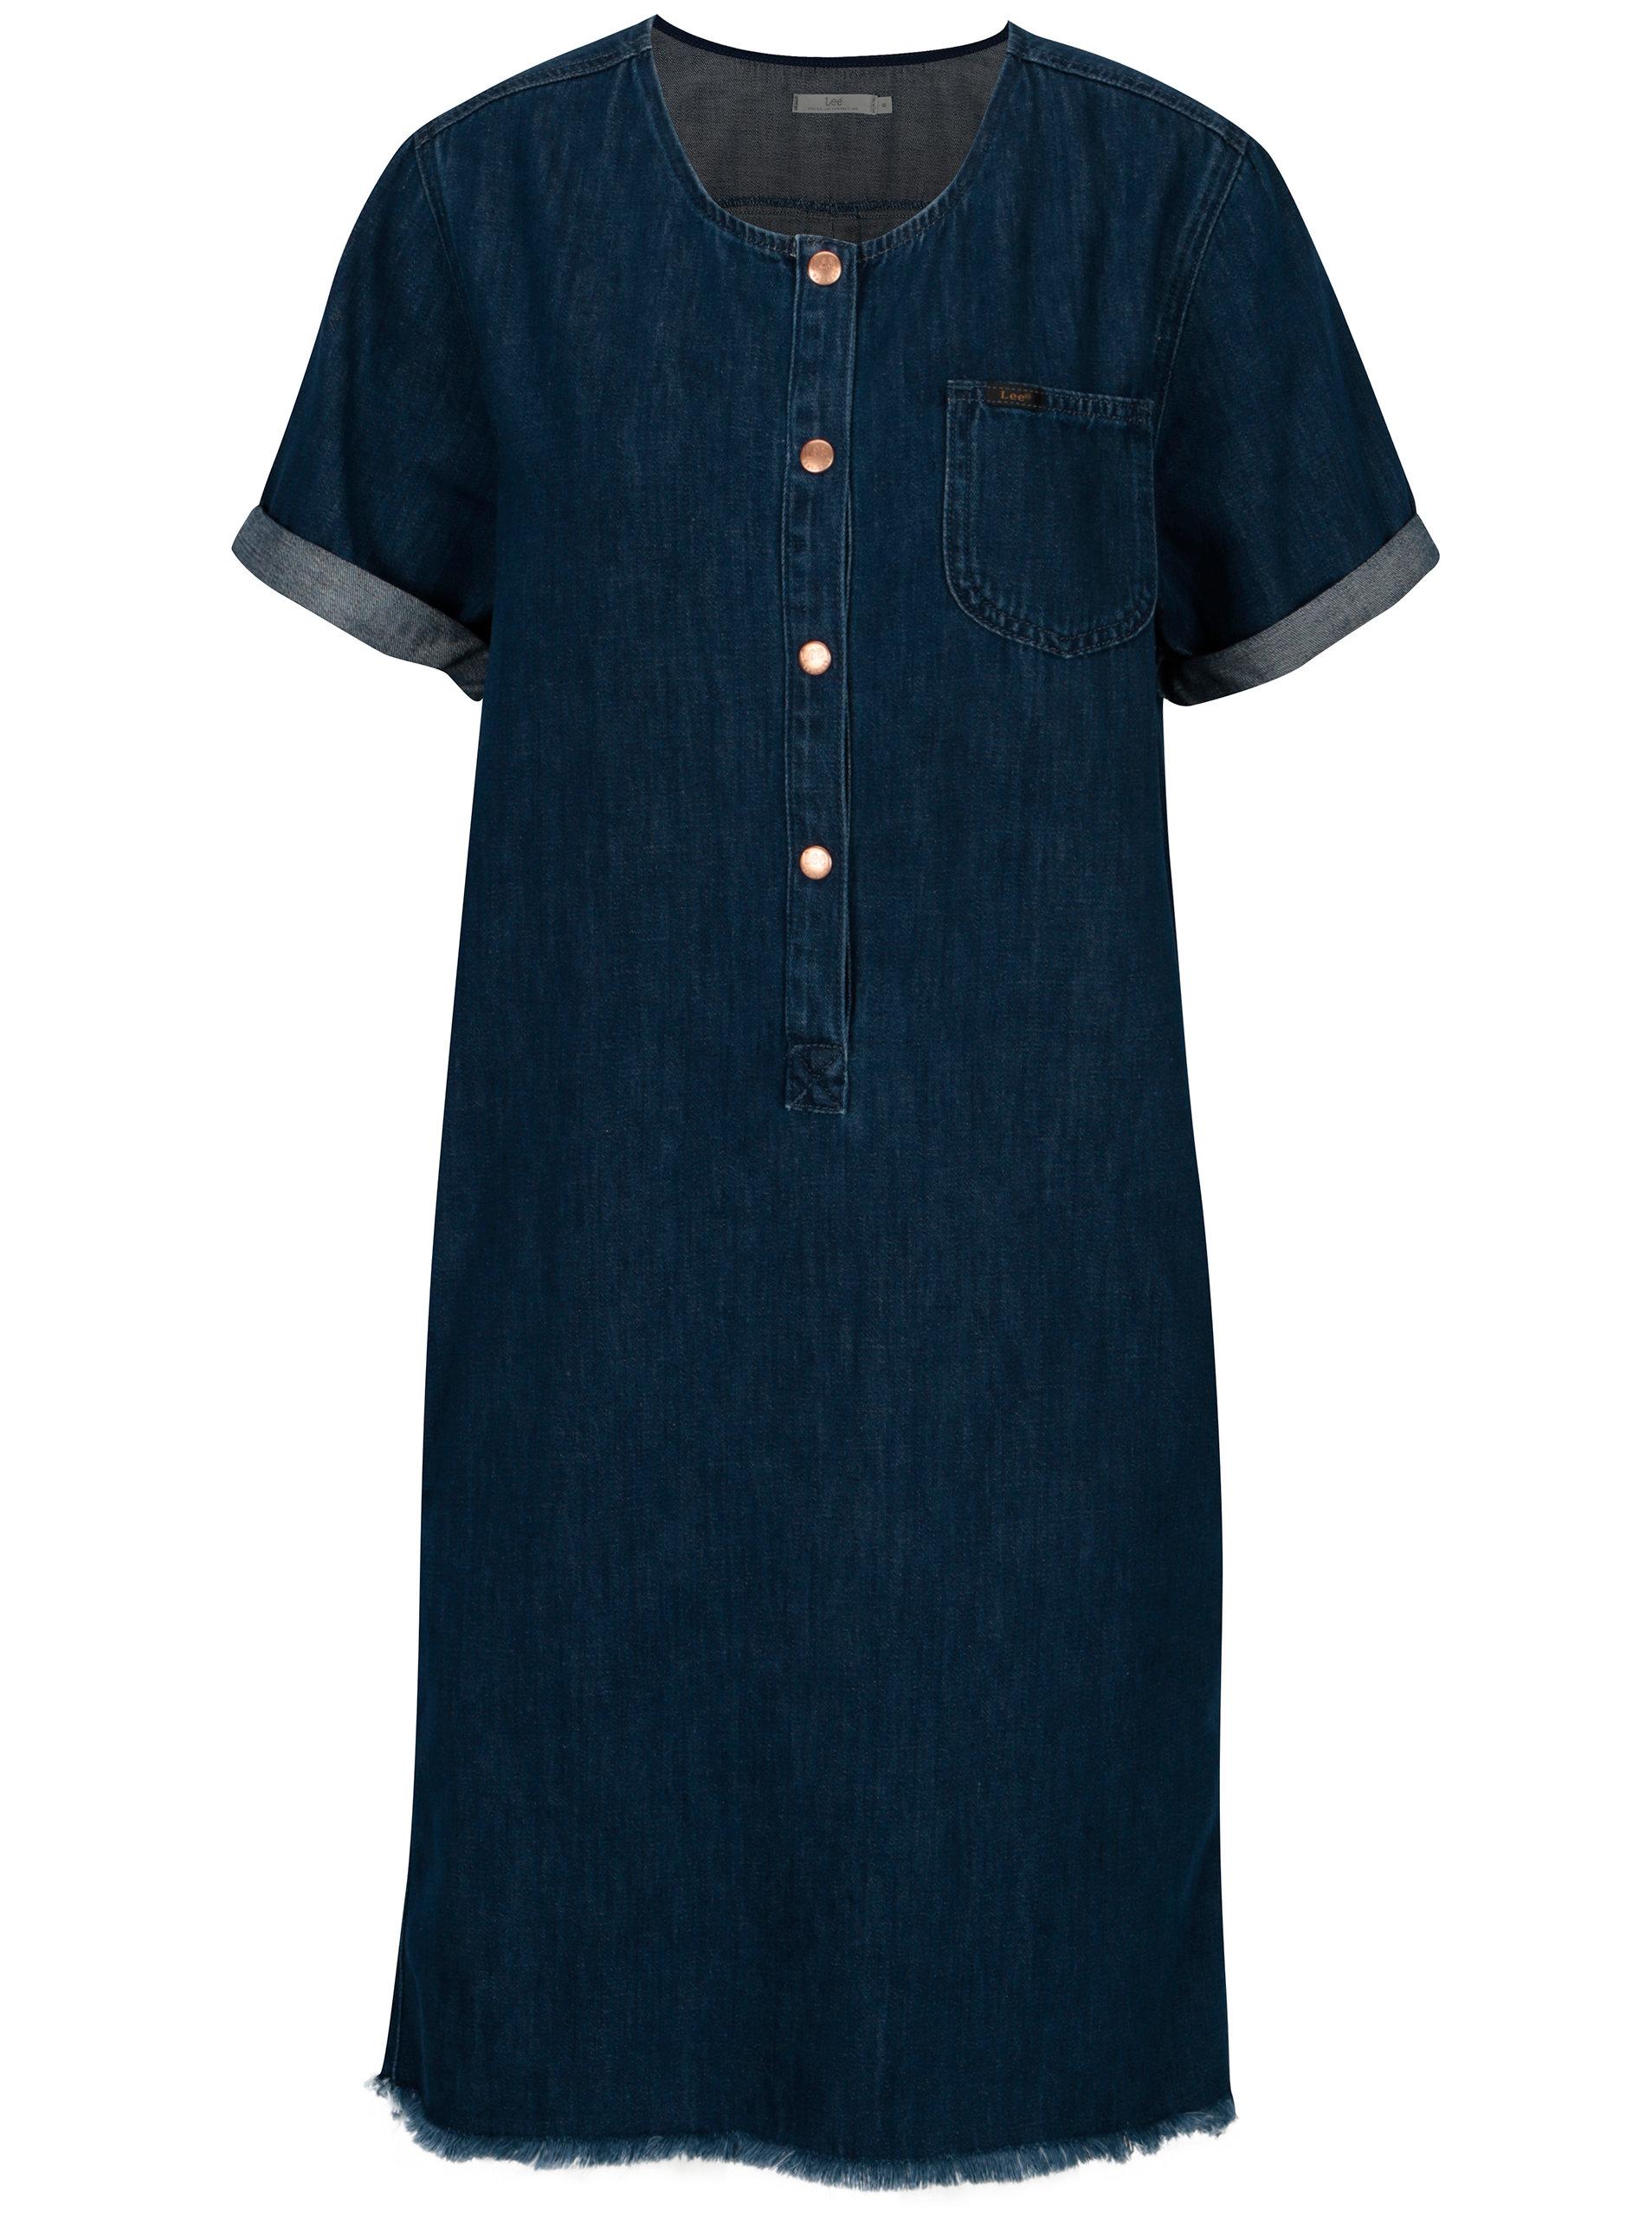 Modré džínové šaty s knoflíky Lee Seasonal ... 5465ba0b4fc